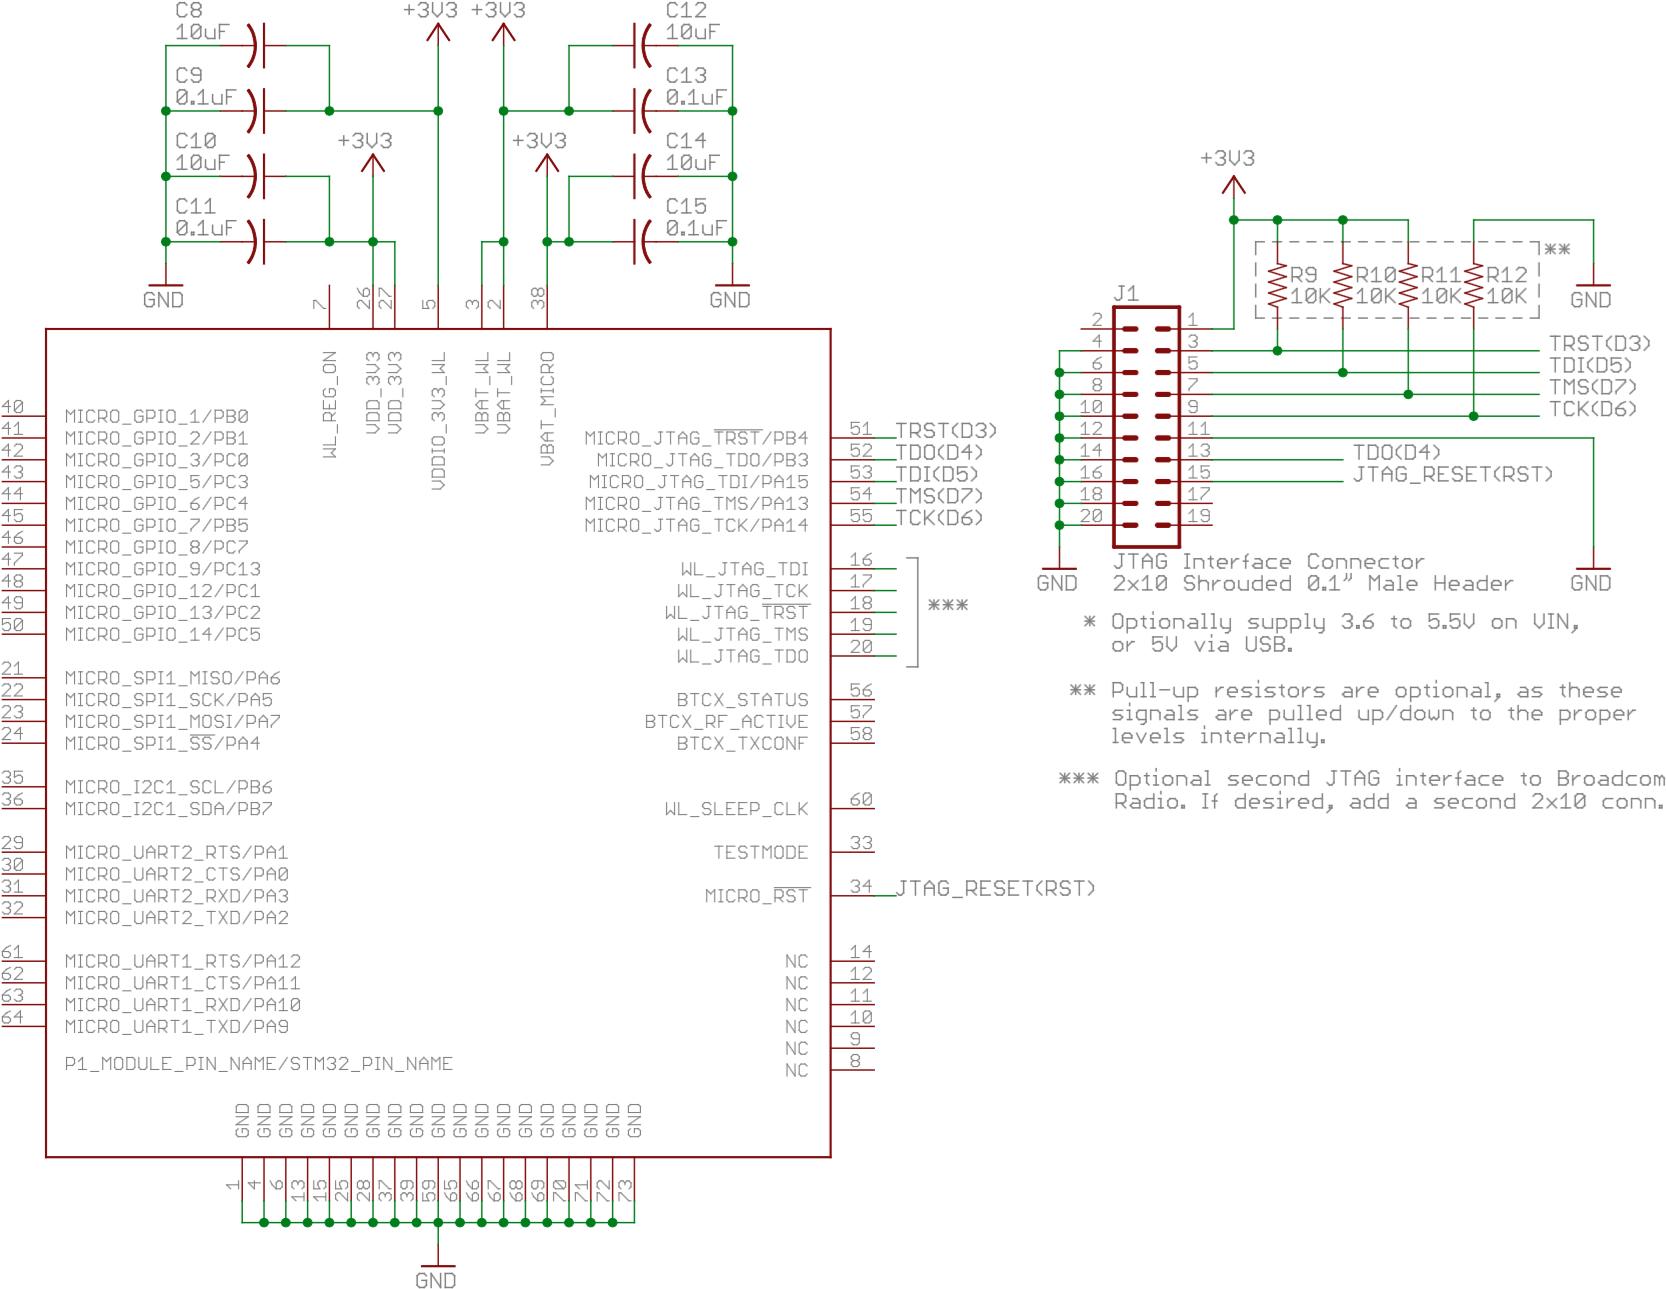 Particle Datasheets | P1 datasheet on usb wiring, power wiring, timer wiring, keypad wiring, rs-232 wiring, lcd wiring, dvi wiring, ethernet wiring, keyboard wiring, vga wiring, pcb wiring, cpu wiring, led wiring,